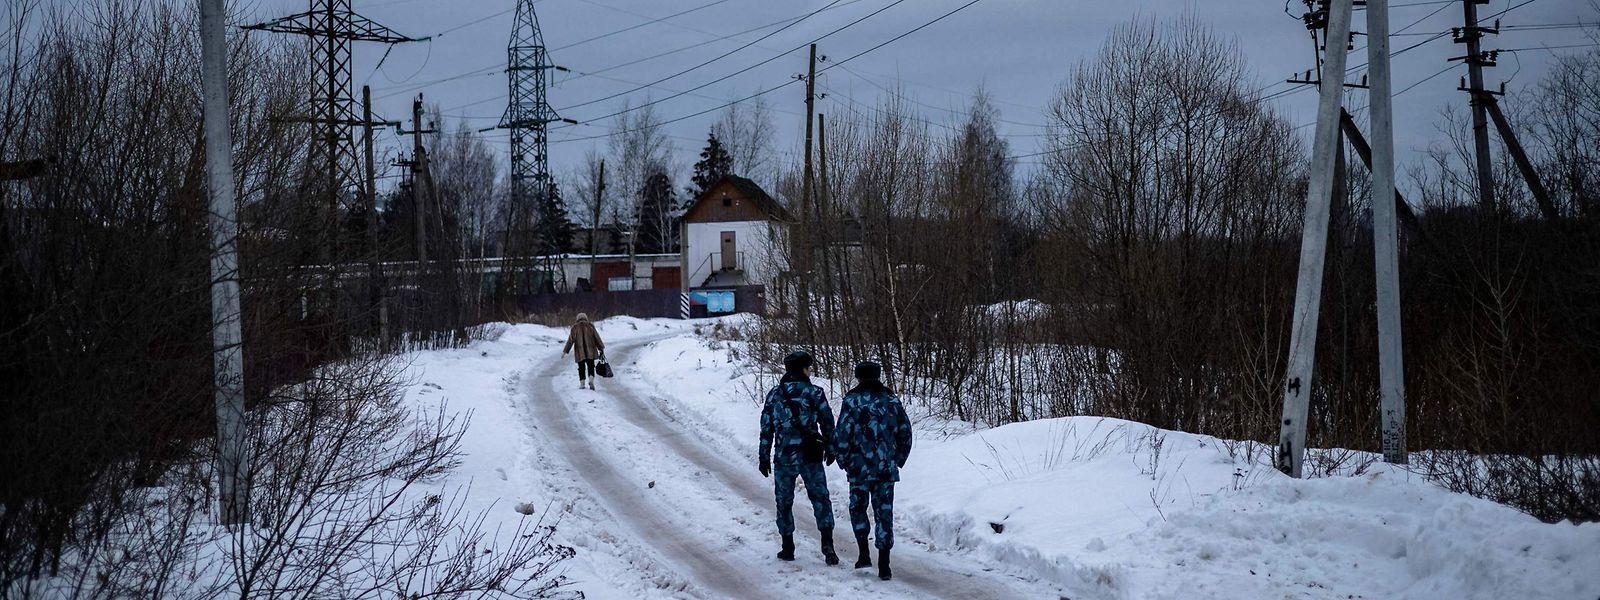 """Die Justizvollzugsanstalt IK-2 in Pokrow in der Region Wladimir ist Alexej Nawalnys neues """"Zuhause"""" für die kommenden zweieinhalb Jahre."""